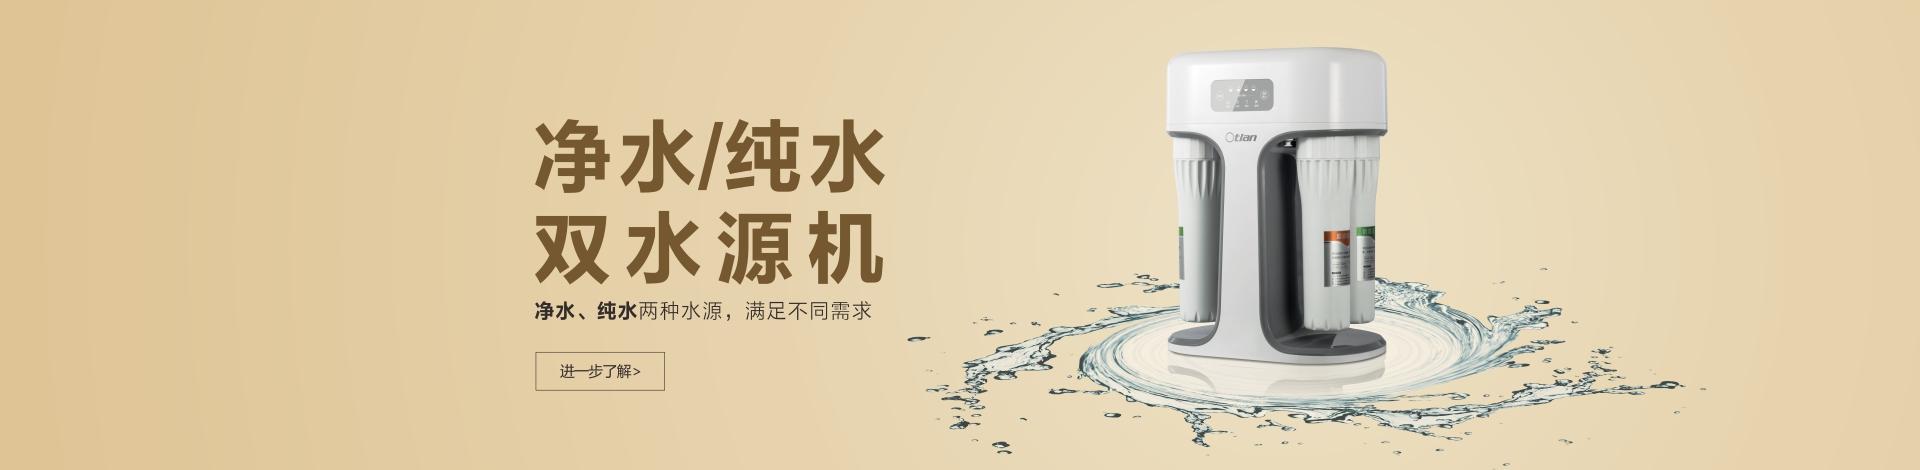 净水/纯水双模饮水机